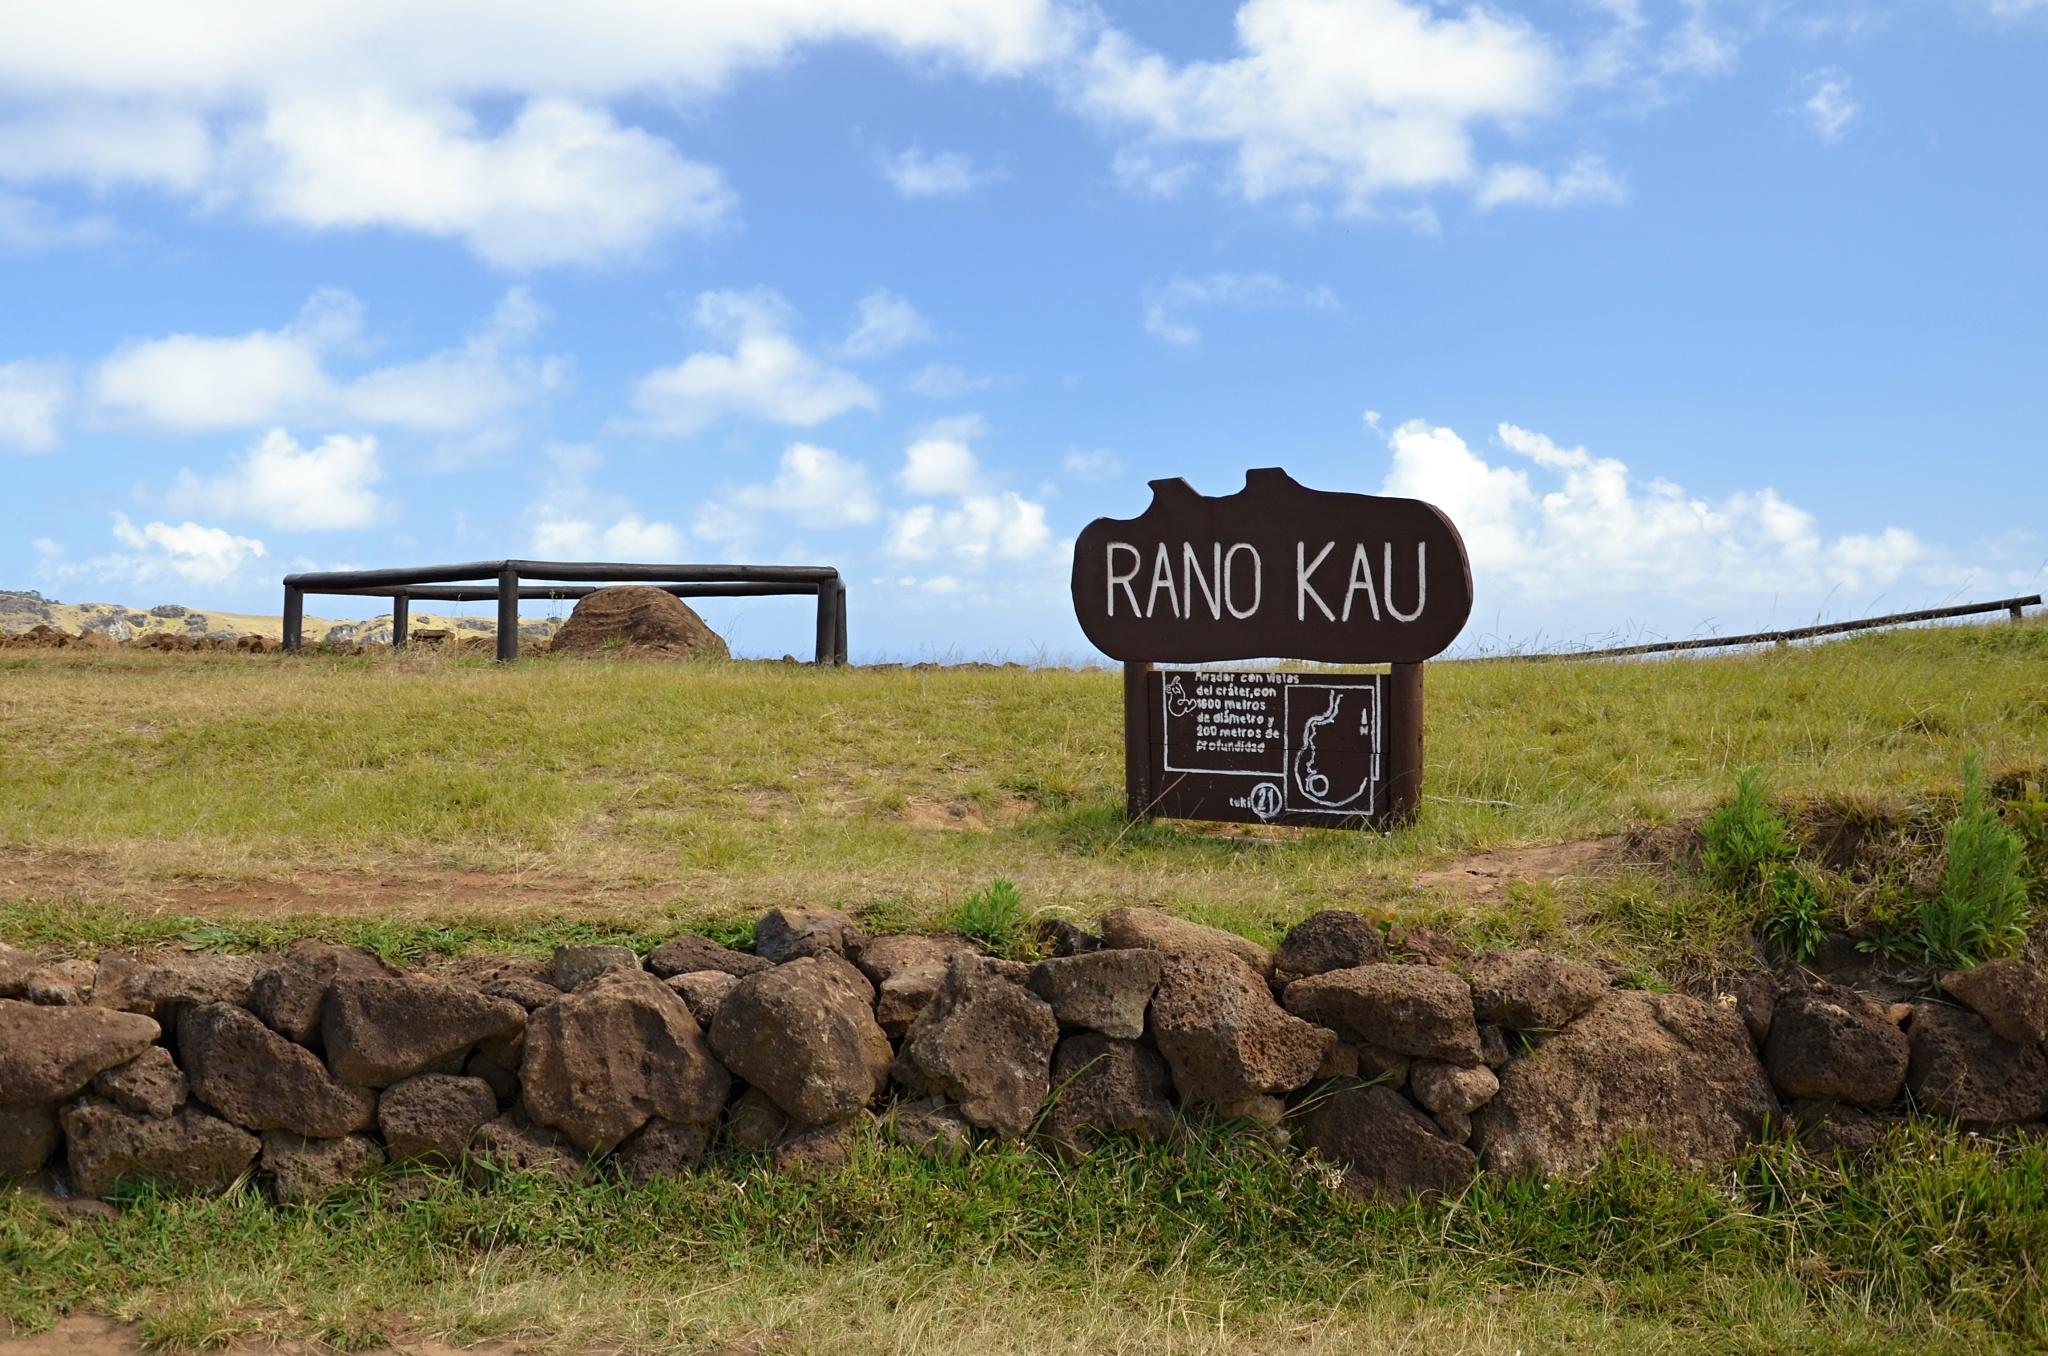 Jsme na vrcholku vulkánu Rano Kau